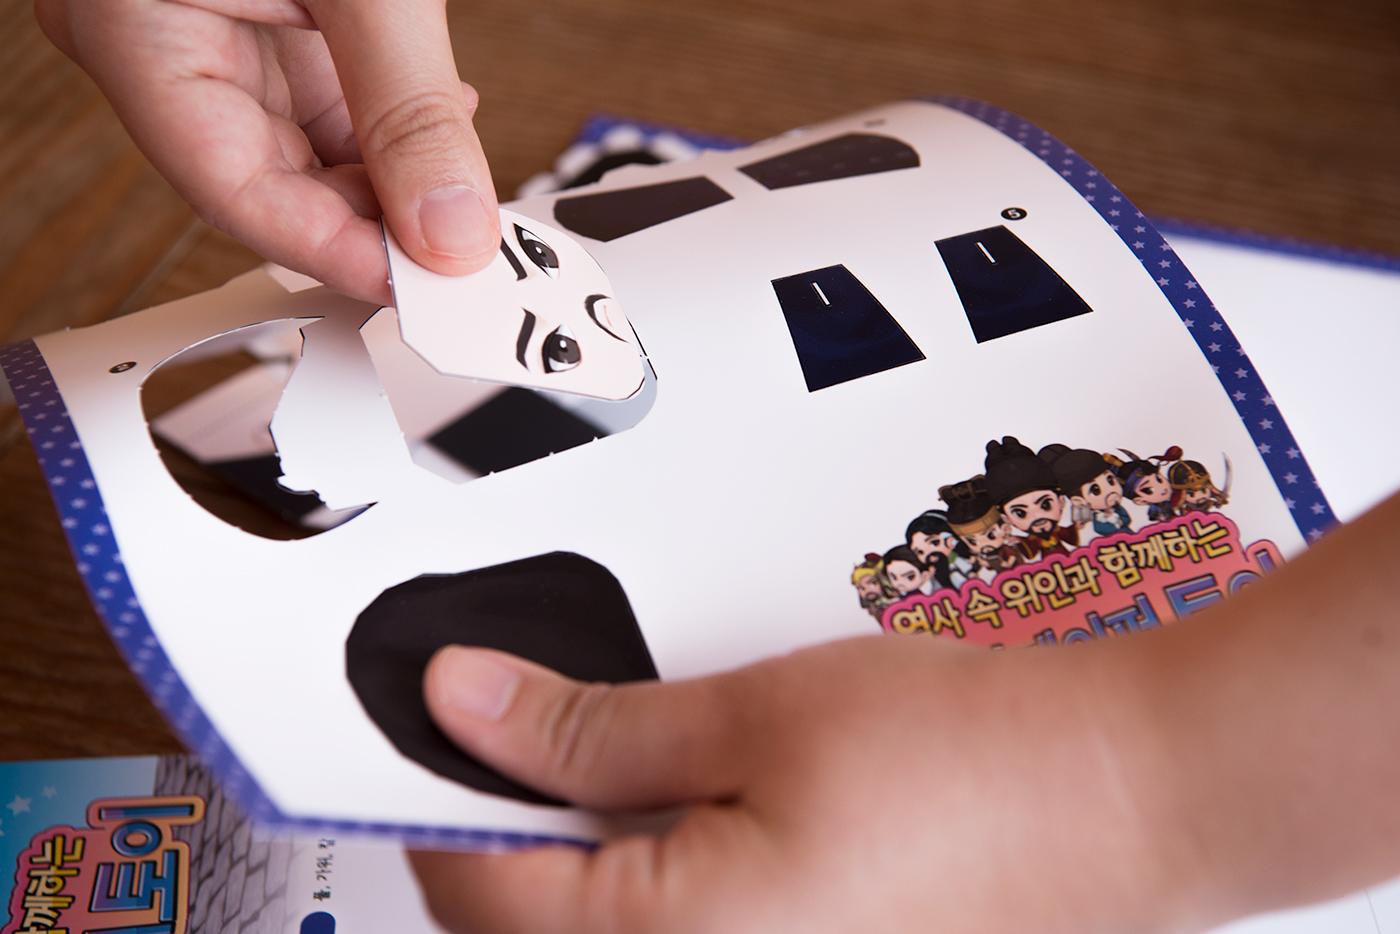 역사 속 위인과 함께하는 마법 페이퍼 토이/역사 위인이 살아 움직이는 재미있는 페이퍼 장난감 상세이미지7